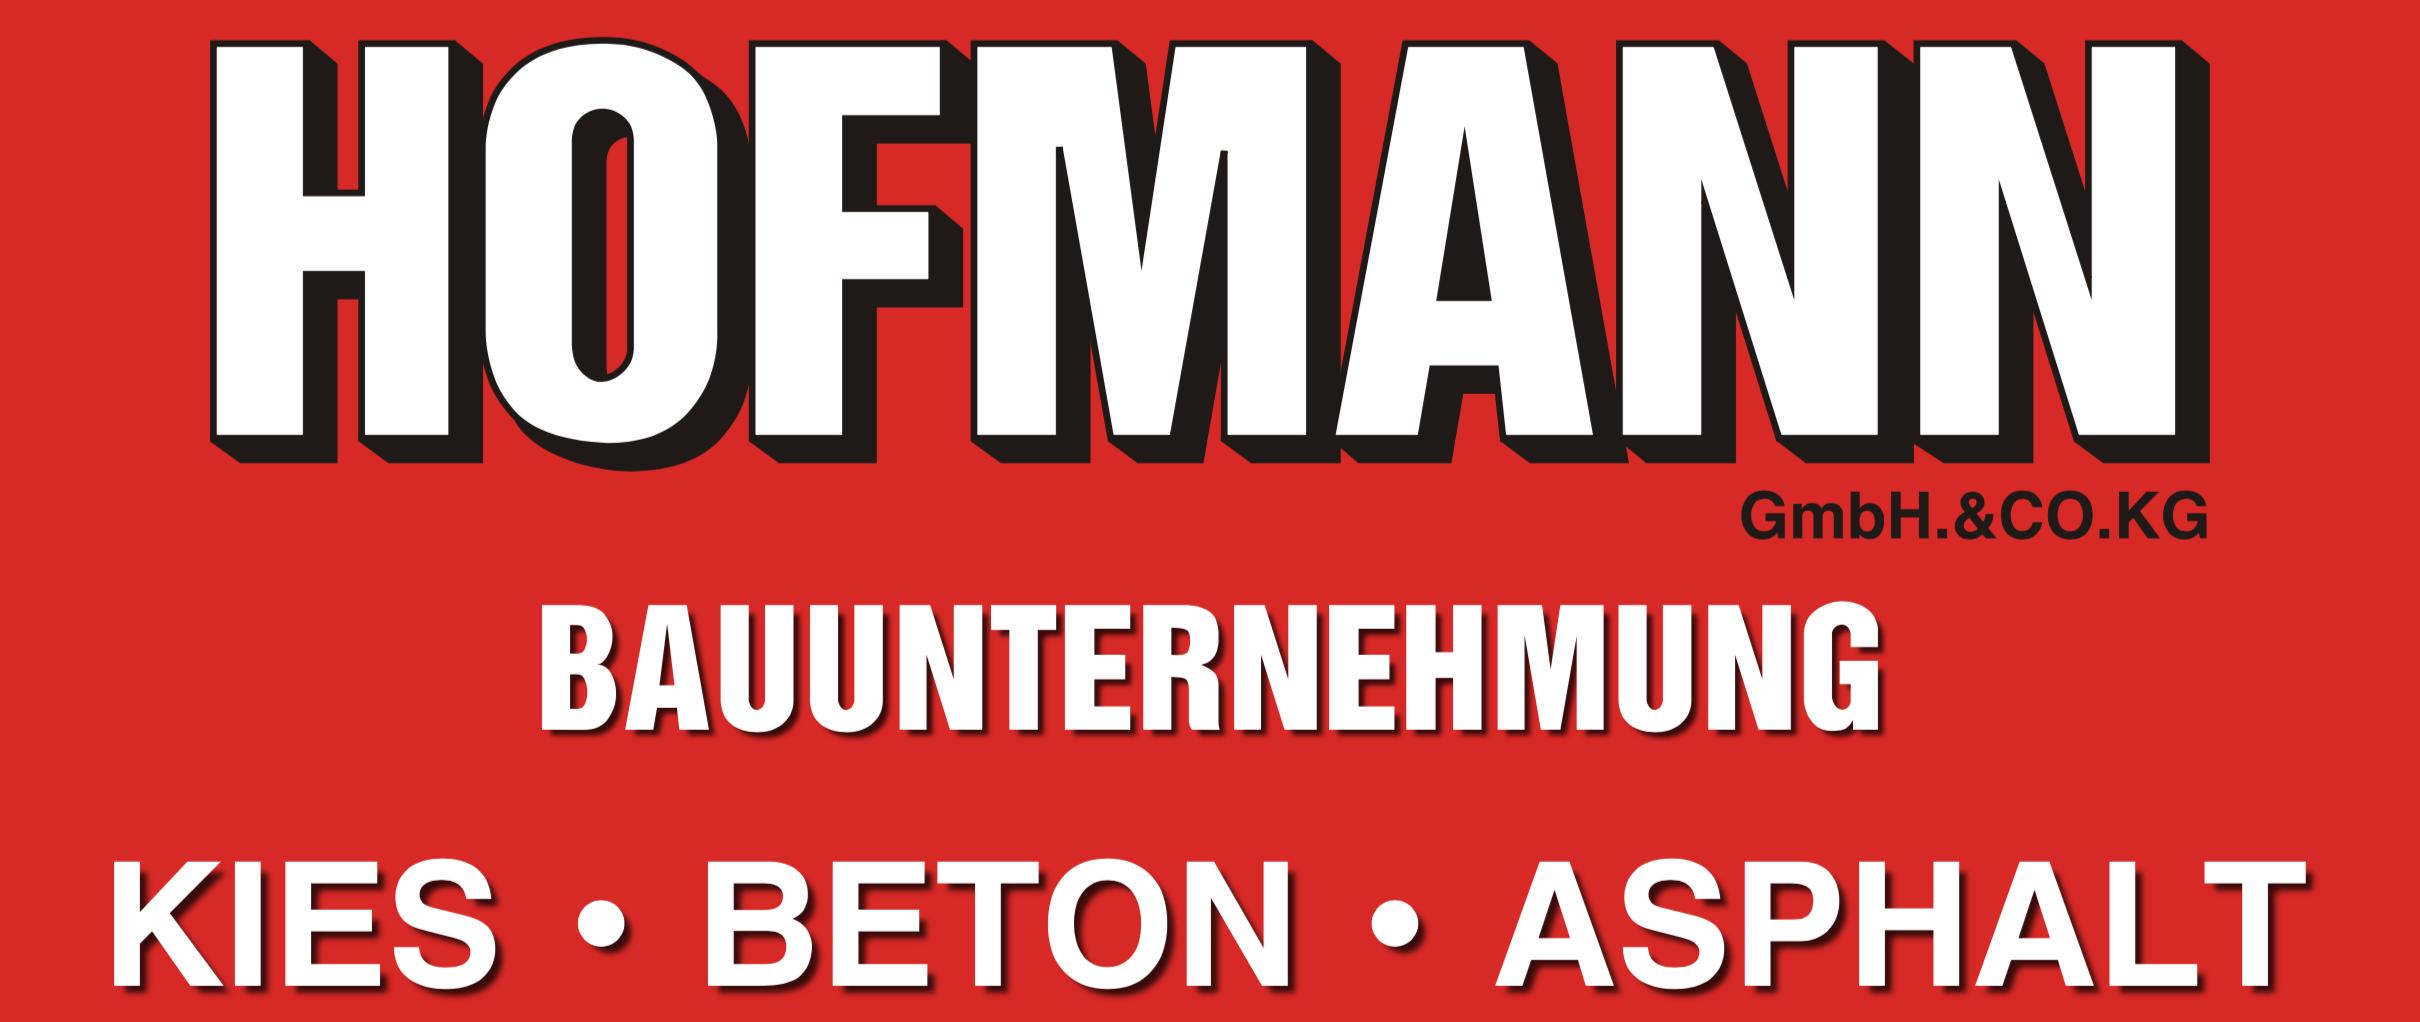 Hofmann GmbH & CoKG - Tiefbauunternehmen - Oberösterreich | Hofmann Bauunternehmung GmbH & Co KG in Oberösterreich – das ist umfassende Baukompetenz im Tief- und Straßenbau seit 1973. Qualität, Zuverlässigkeit und Kundennähe legen dabei den Grundstein für eine erfolgreiche Zusammenarbeit.